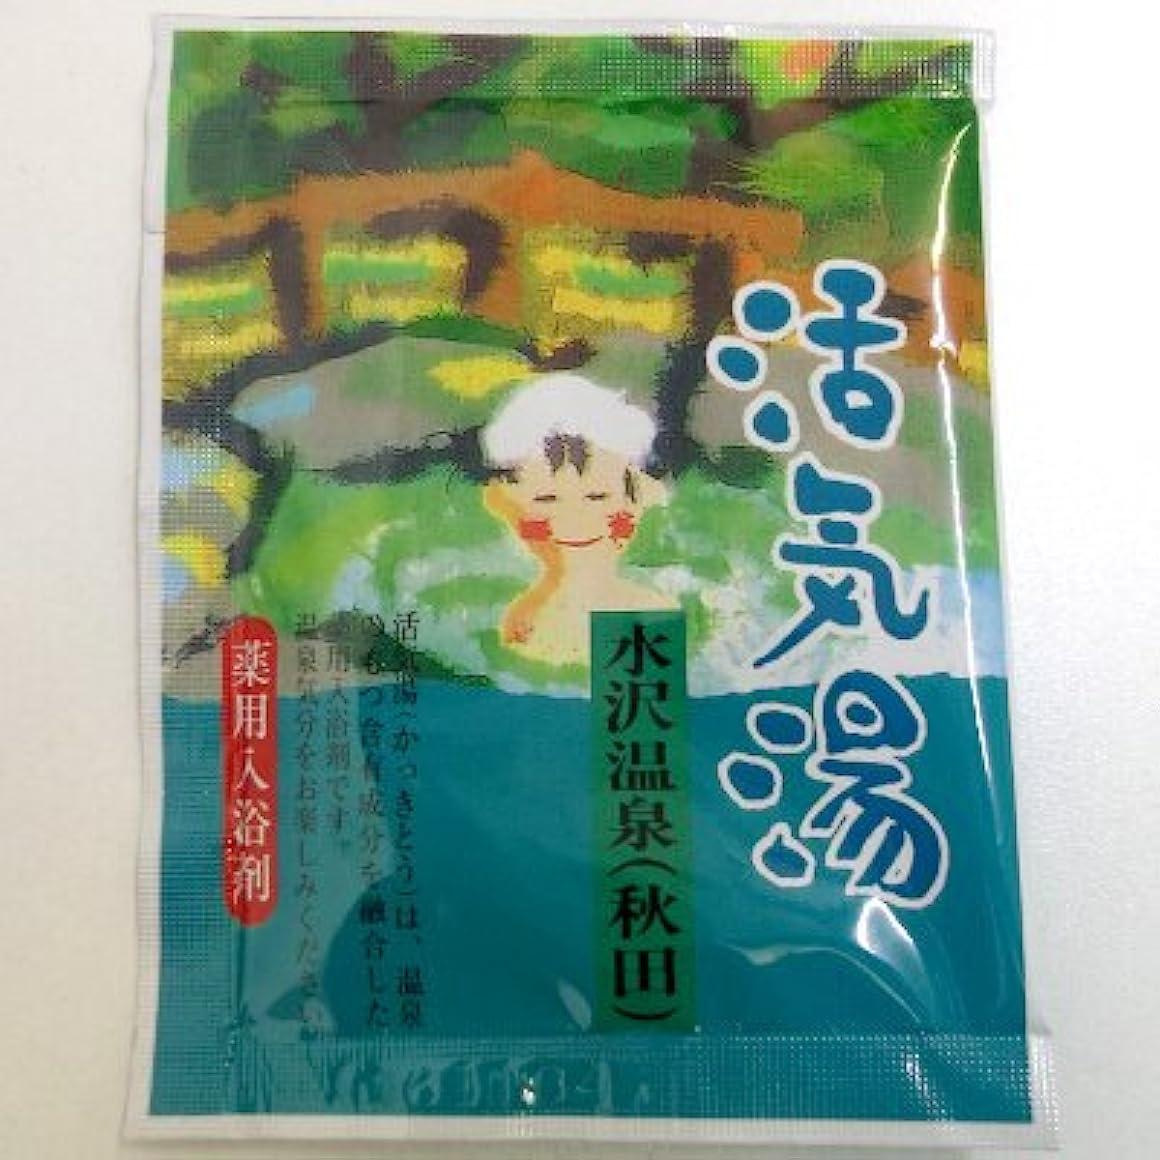 洗練繁栄する想像する活気湯 水沢温泉(青リンゴ)